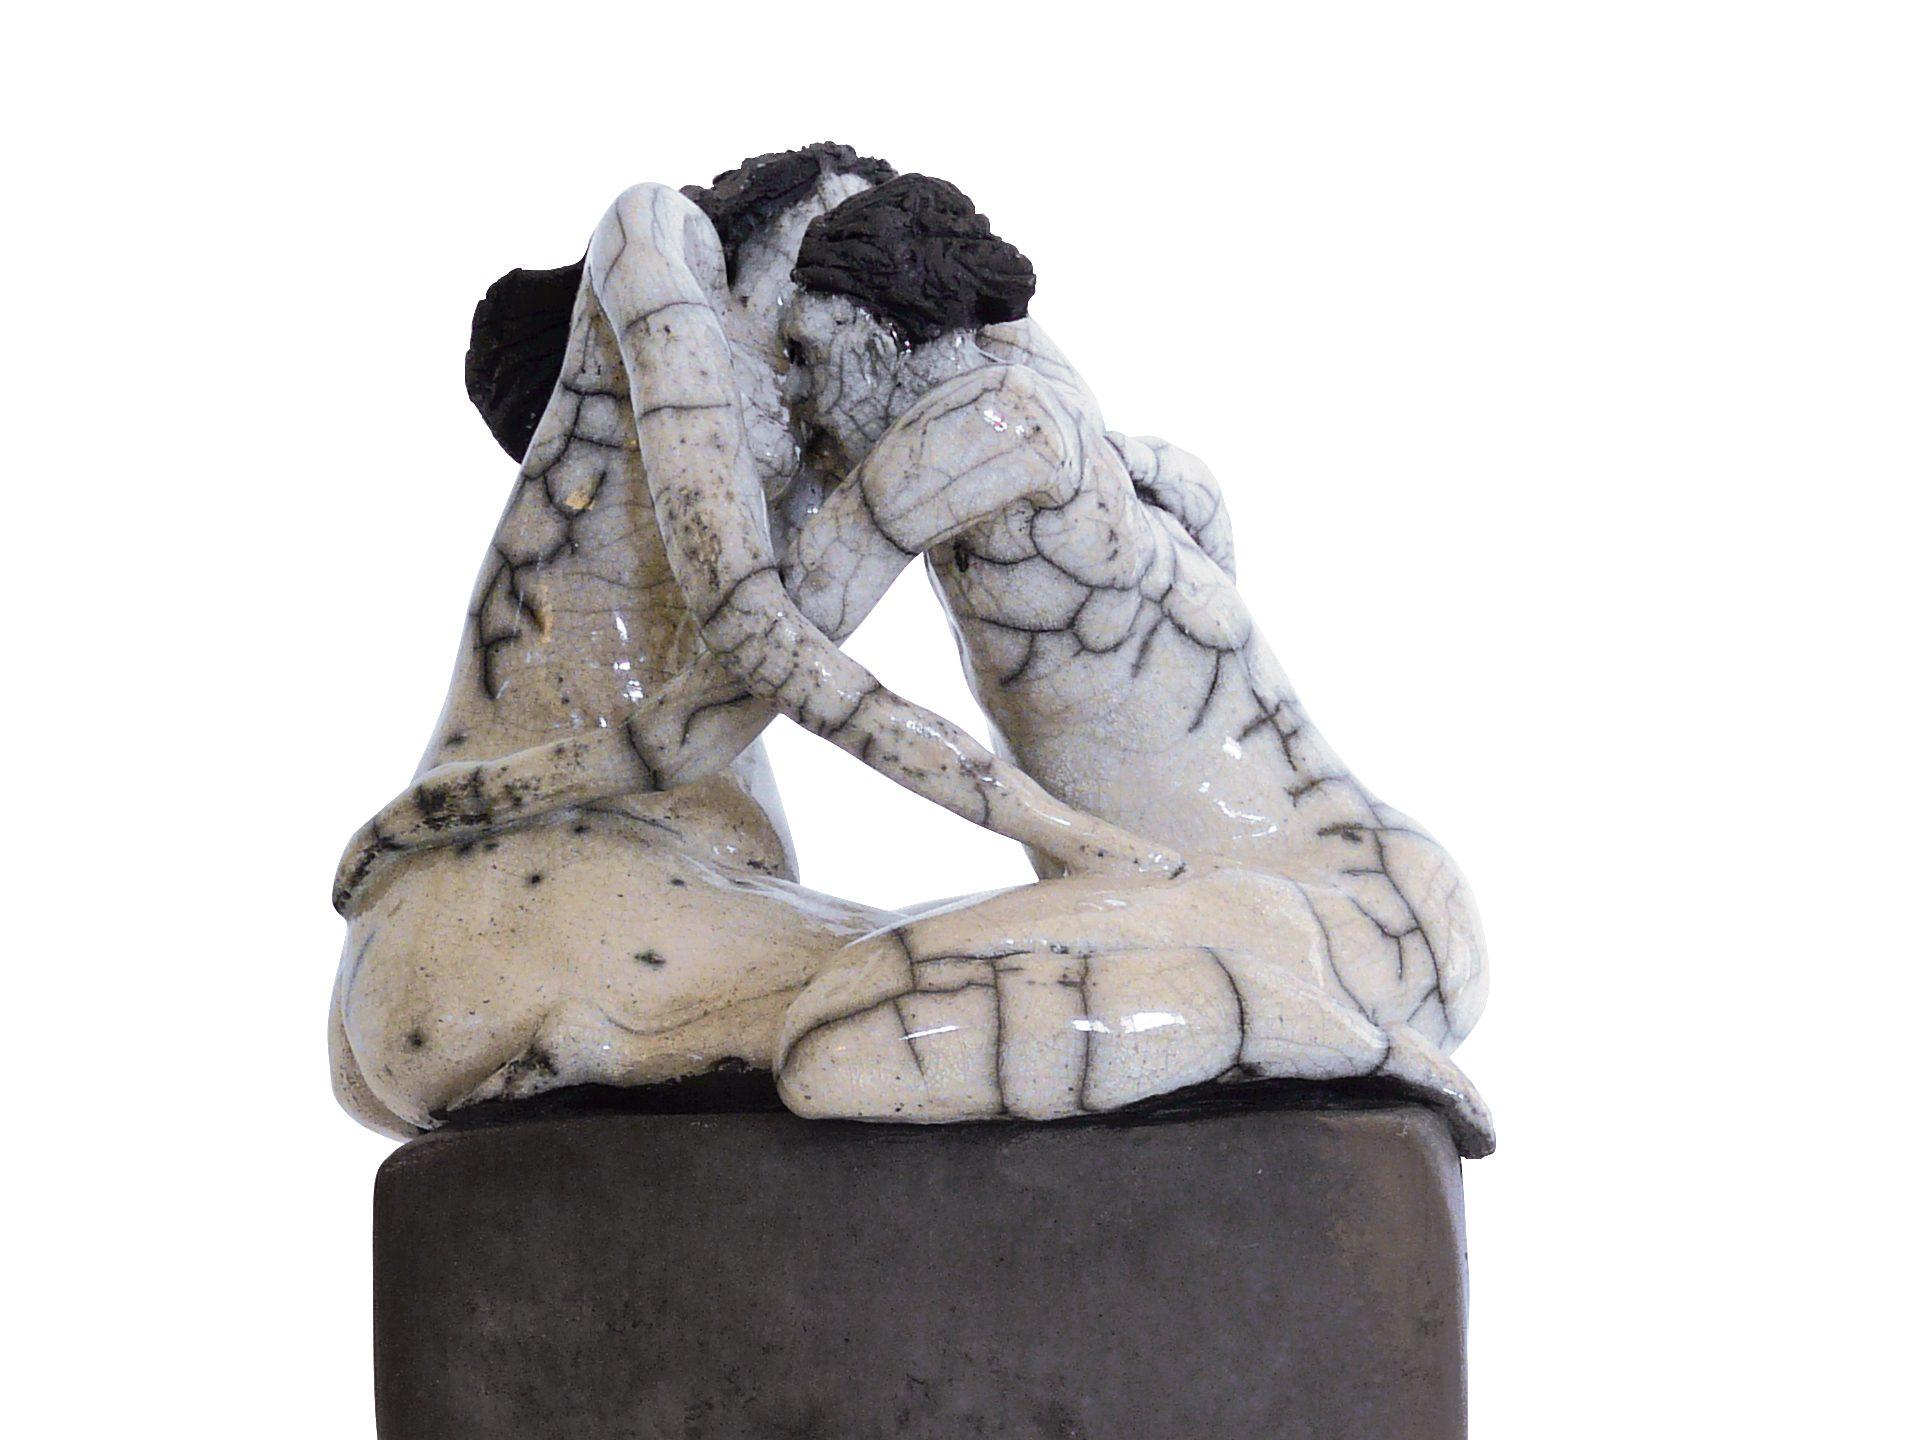 L'éveil des sens - Grès - Raku - Sculptures céramique de Florence Lemiegre